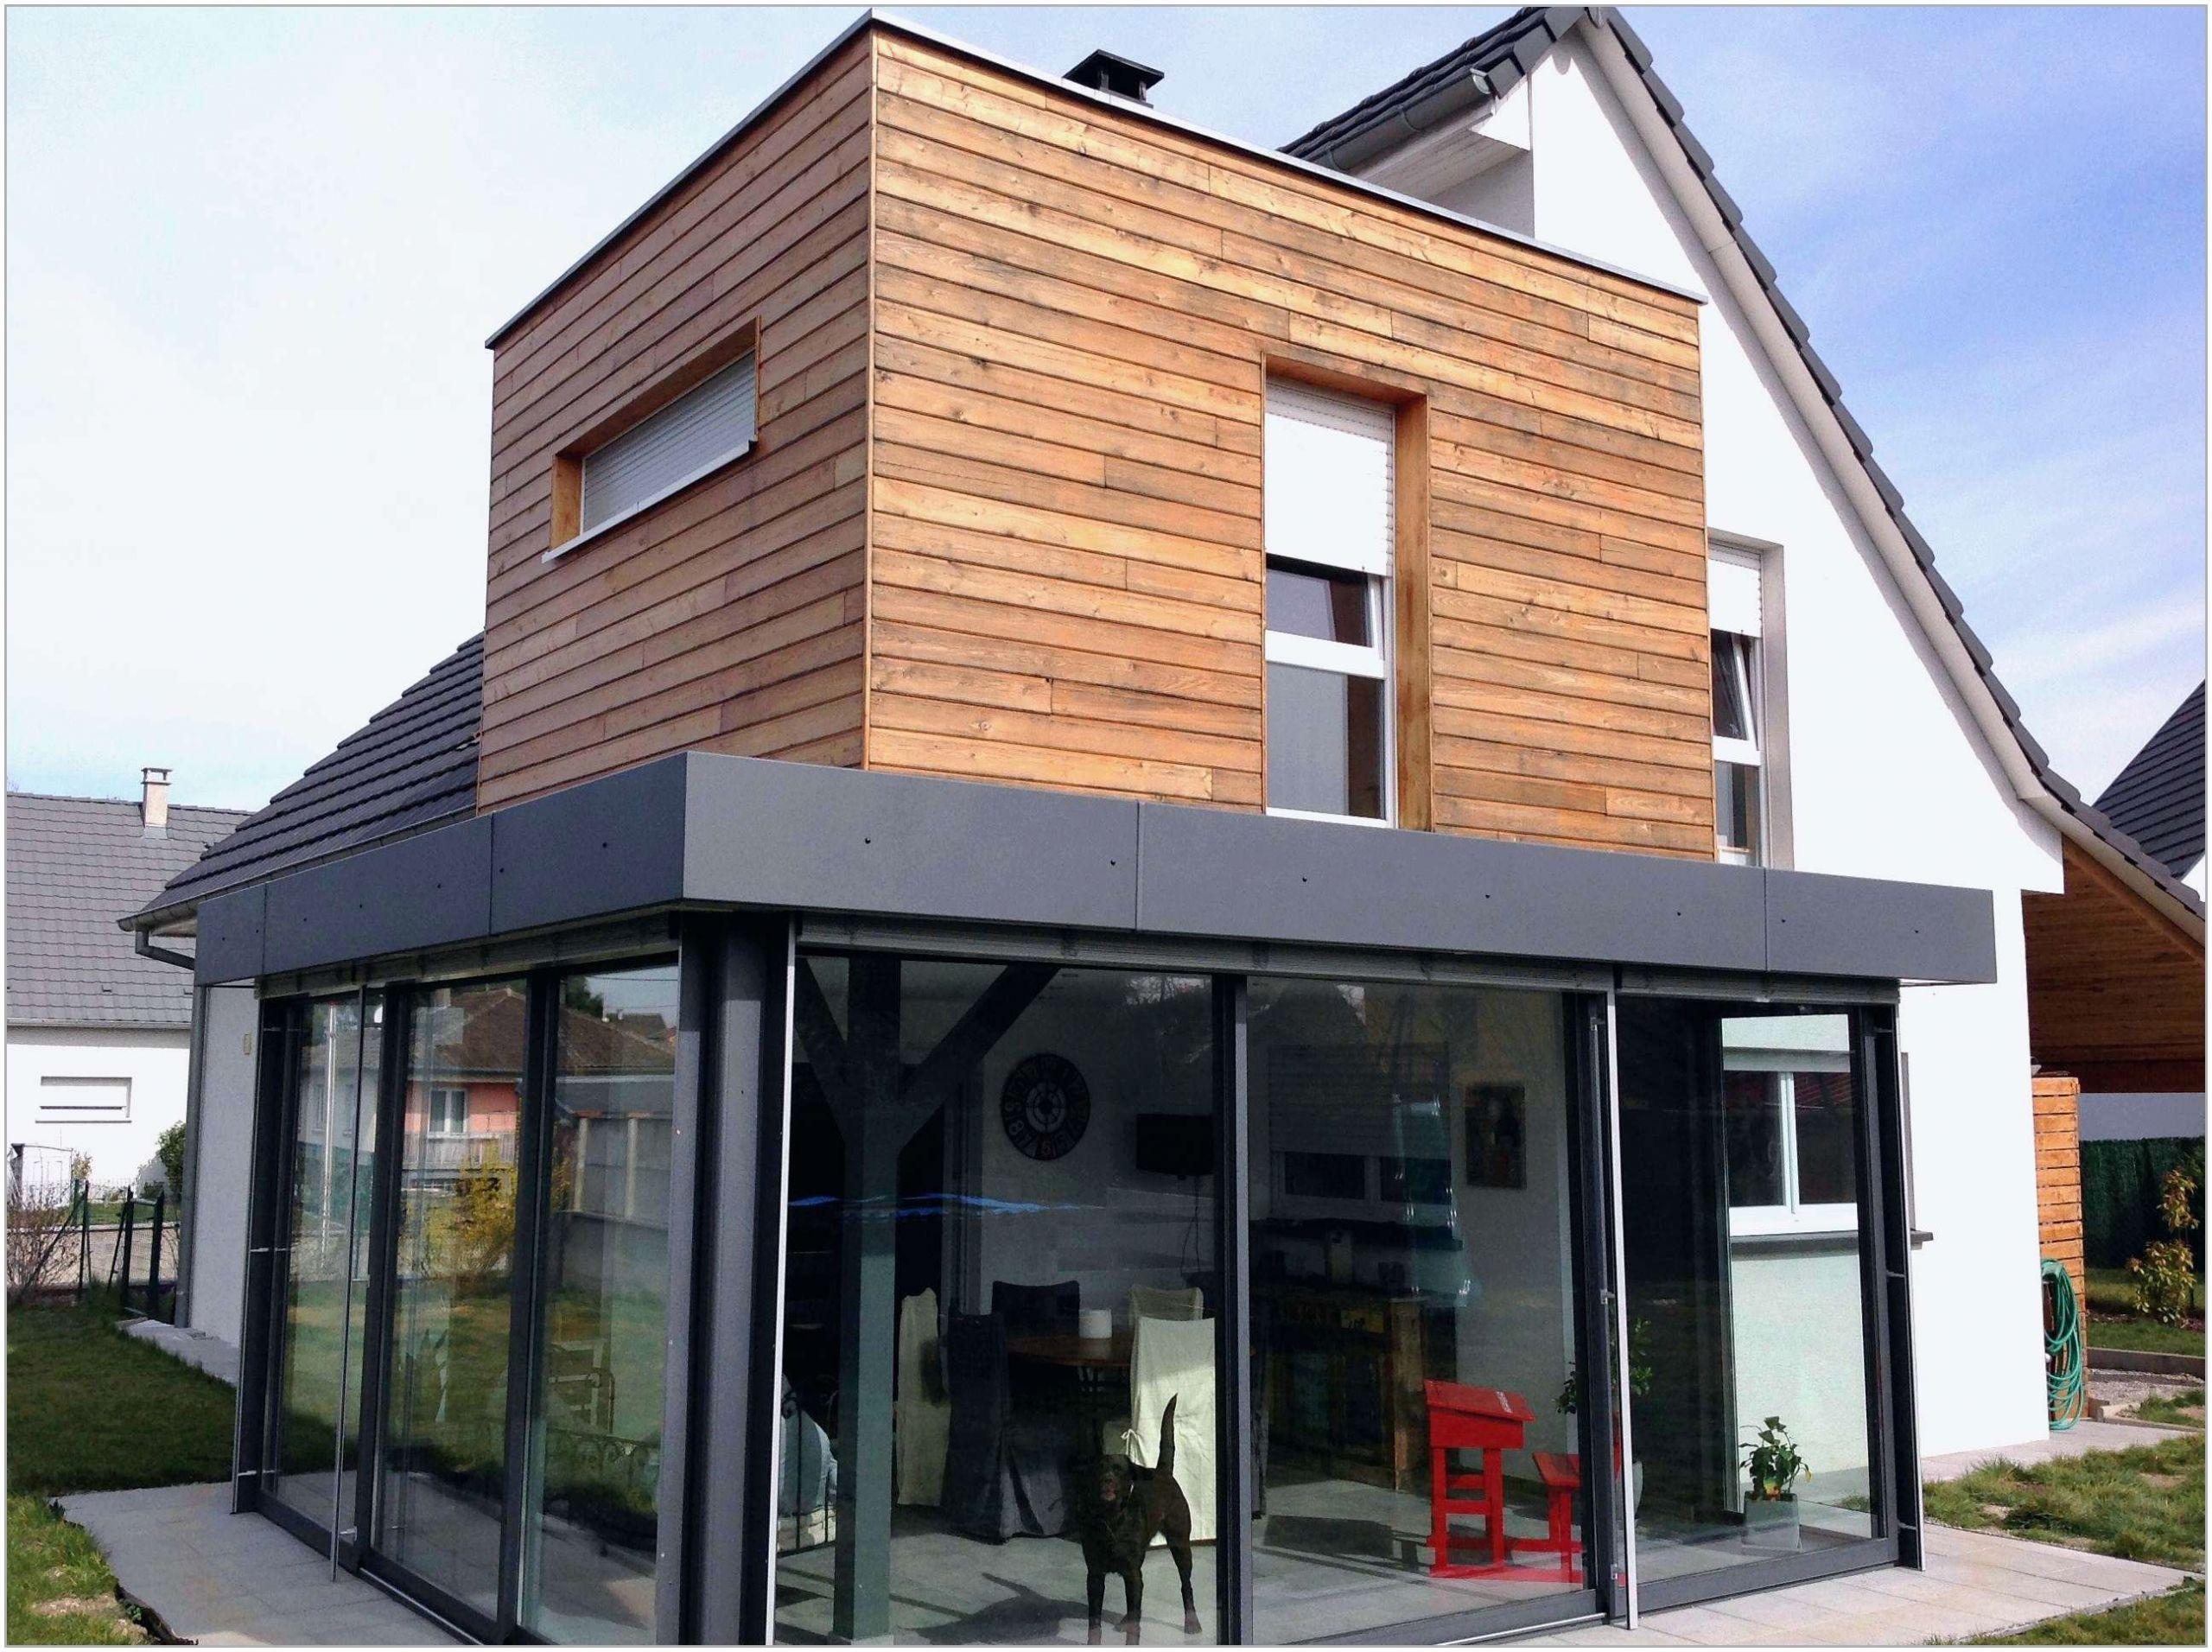 prix d une veranda rideau de 20m2 nouveau luxe prix veranda 30m2 unique 25 cout veranda 30m2 maison nouveau of prix d une veranda rideau de 20m2 6